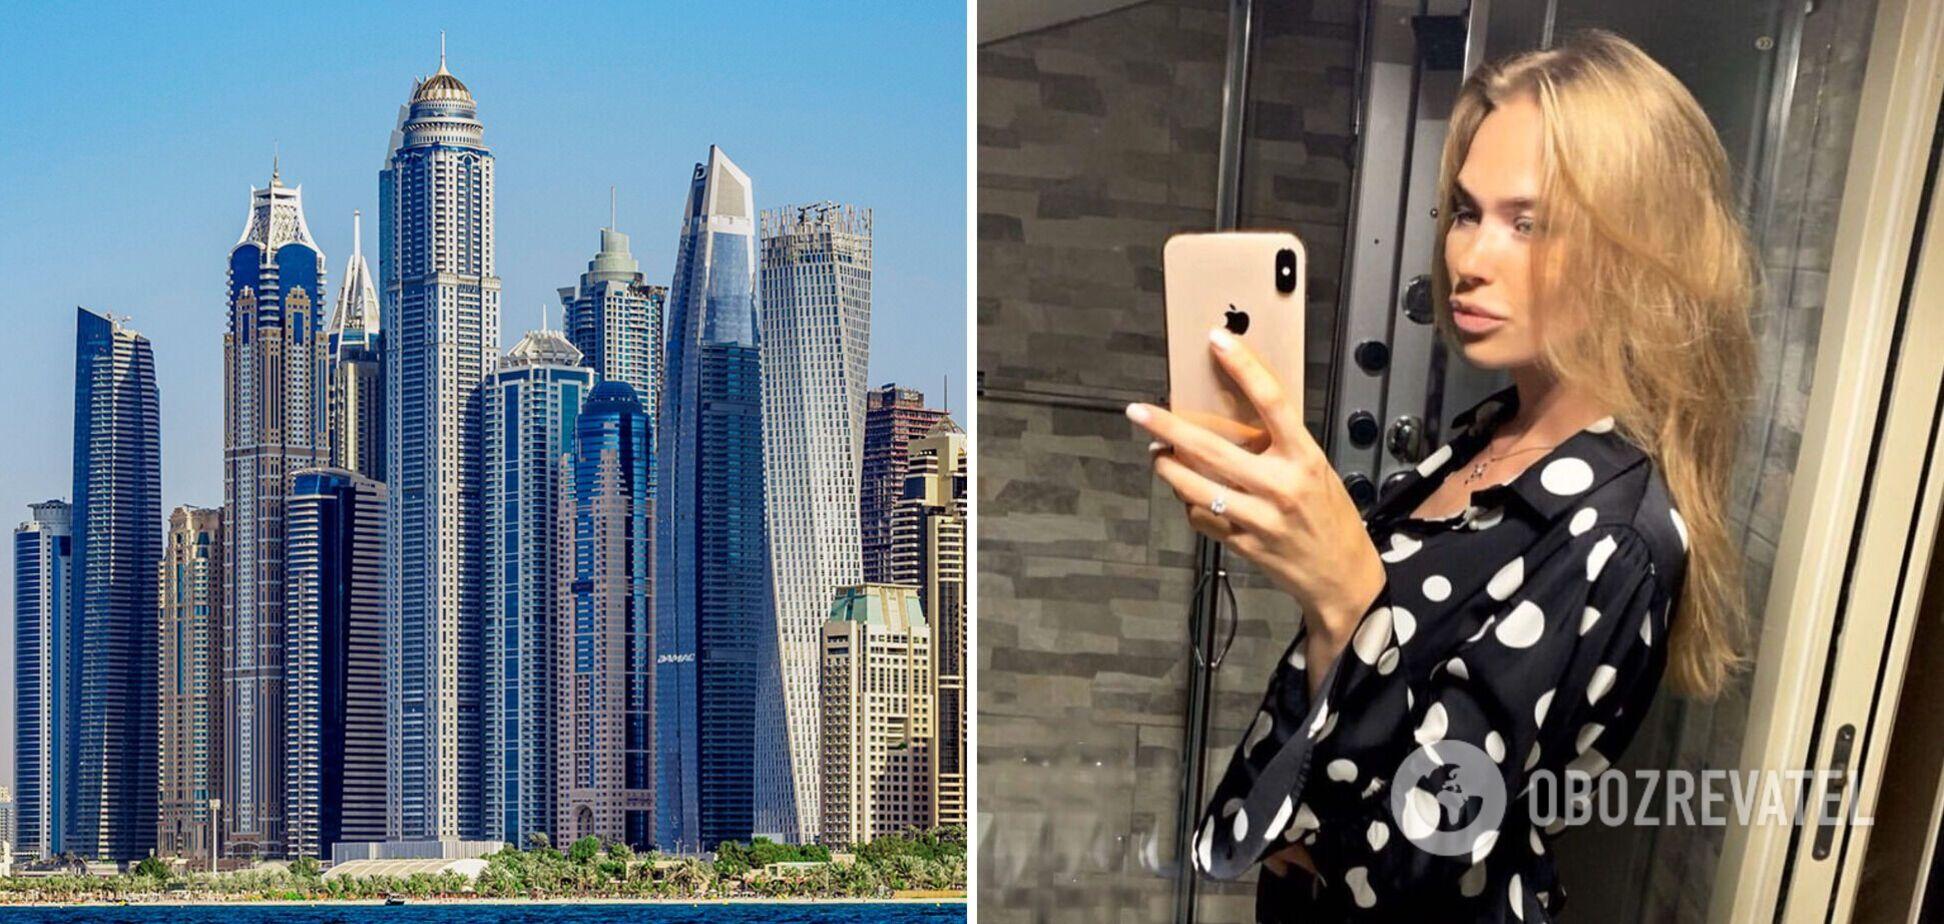 Подруга арестованной девушки в Дубае заступилась за нее и раскрыла свою 'правду'